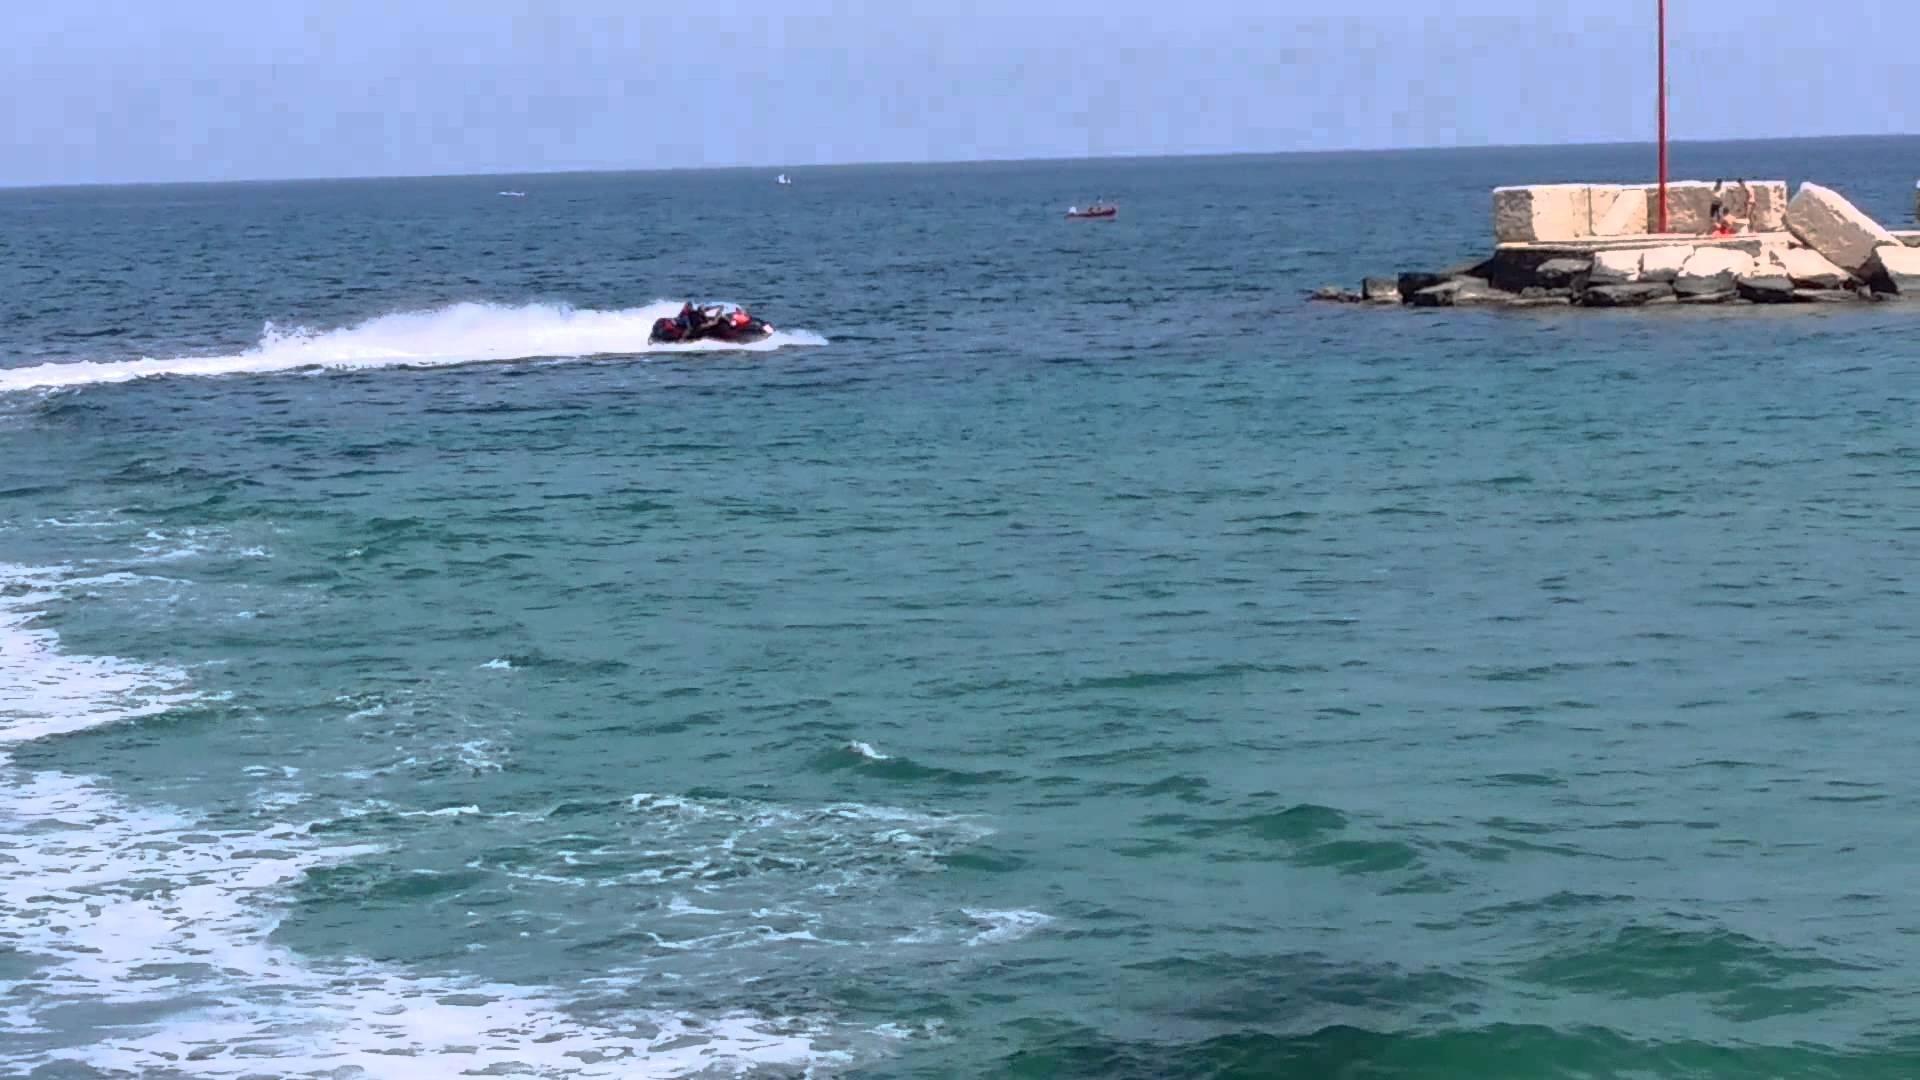 Tragedia sulla costa pugliese, uomo annega nelle acque agitate del mare, era uscito con un gommone